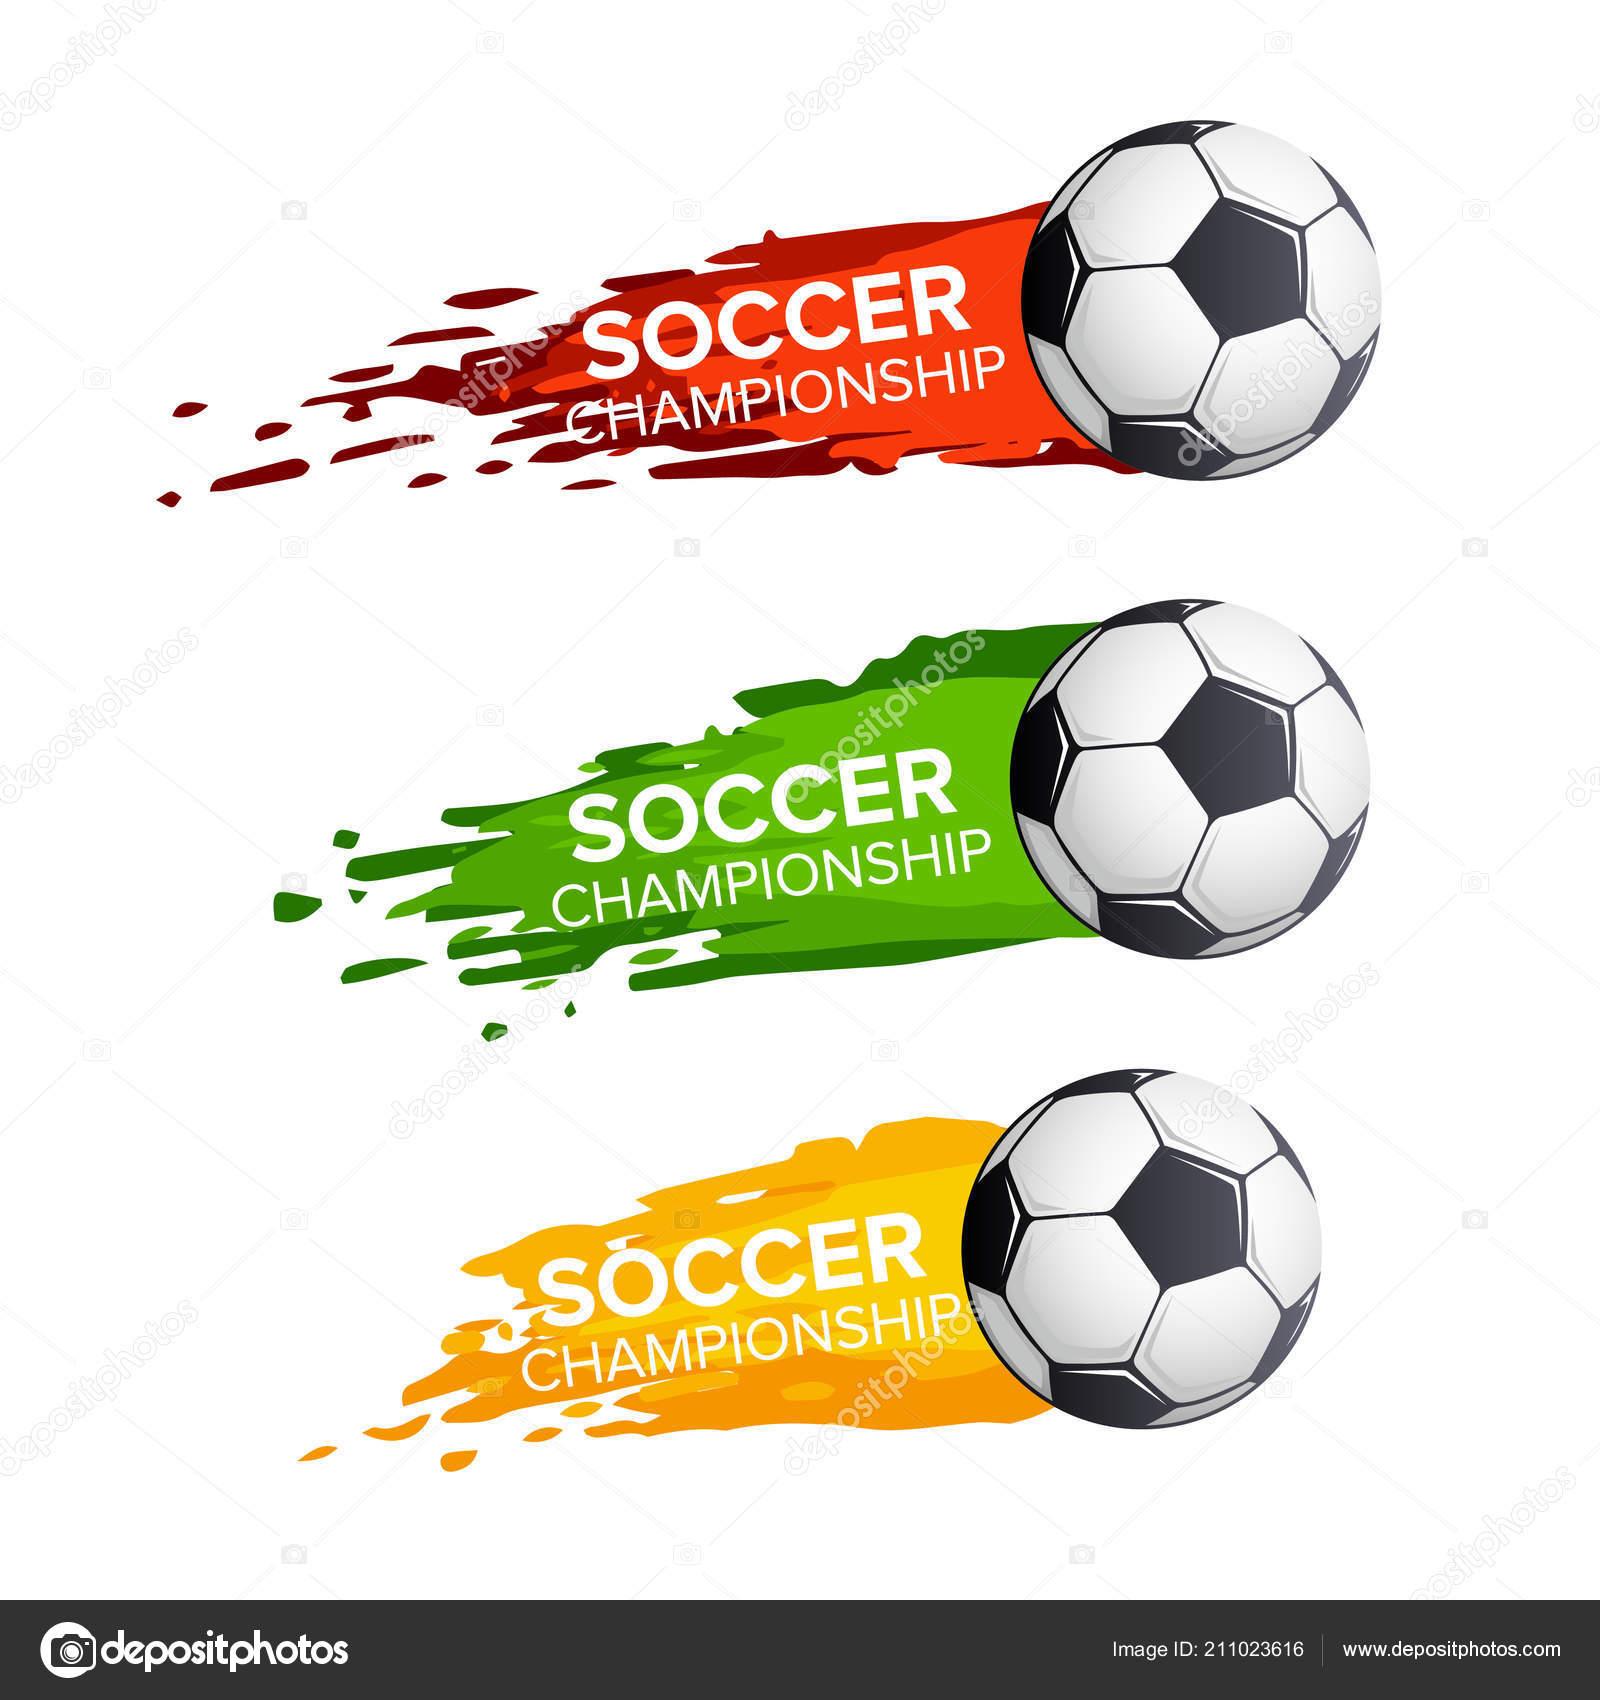 Futbol Campeonato de fútbol deporte torneo juego vector iconos o conjunto  de vuelo de la bola. Vector símbolo de la pelota de fútbol volando a meta  en el ... 906f27e7b2f6